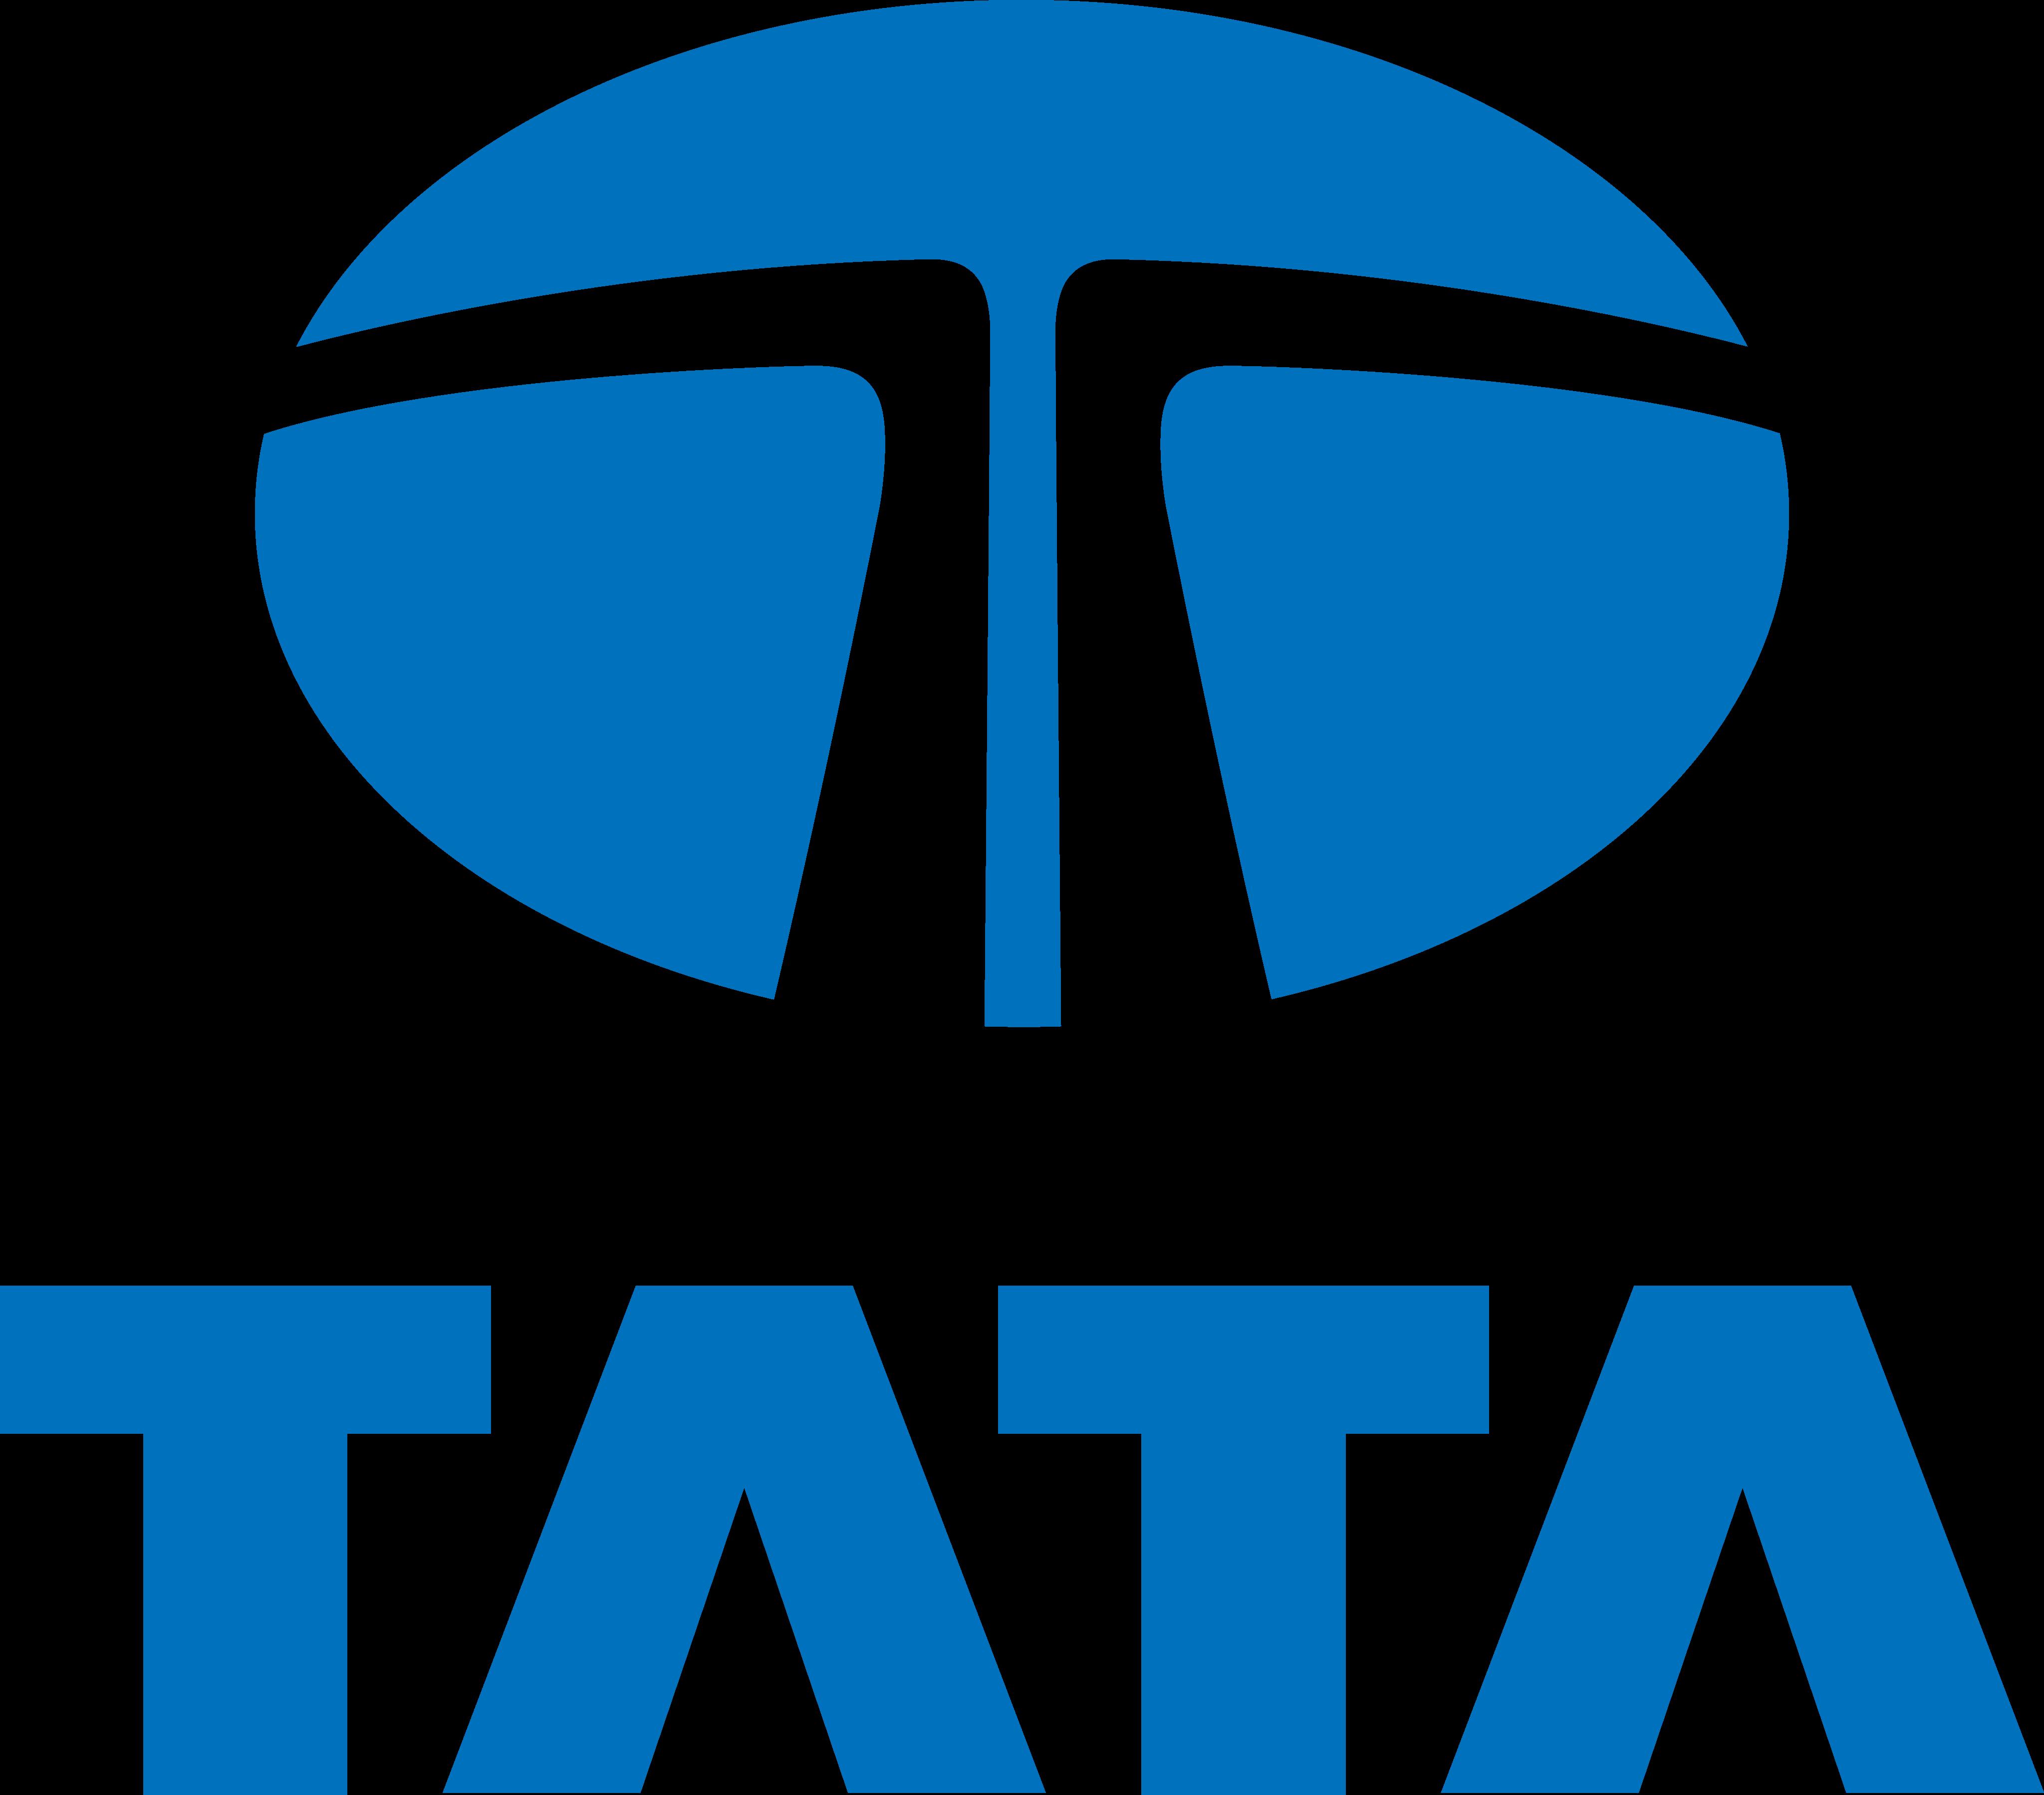 tata motors logo 1 - Tata Motors Logo